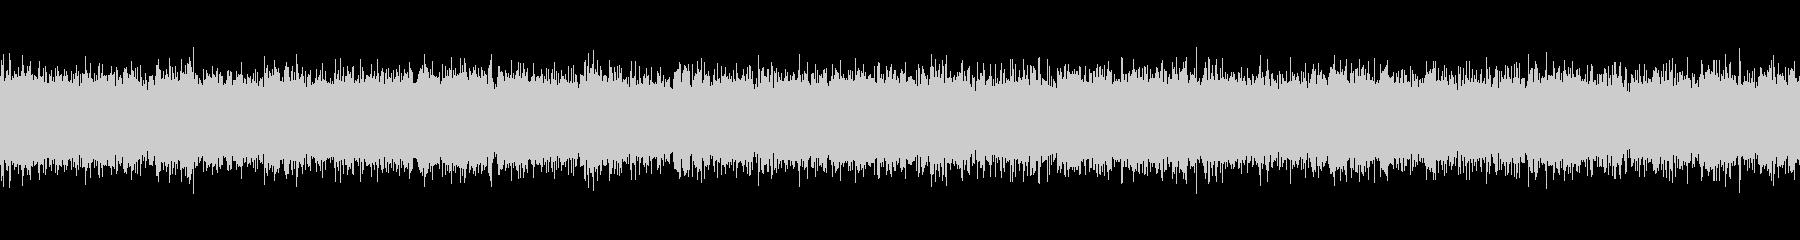 川の激しいせせらぎ1 (ループ仕様)の未再生の波形